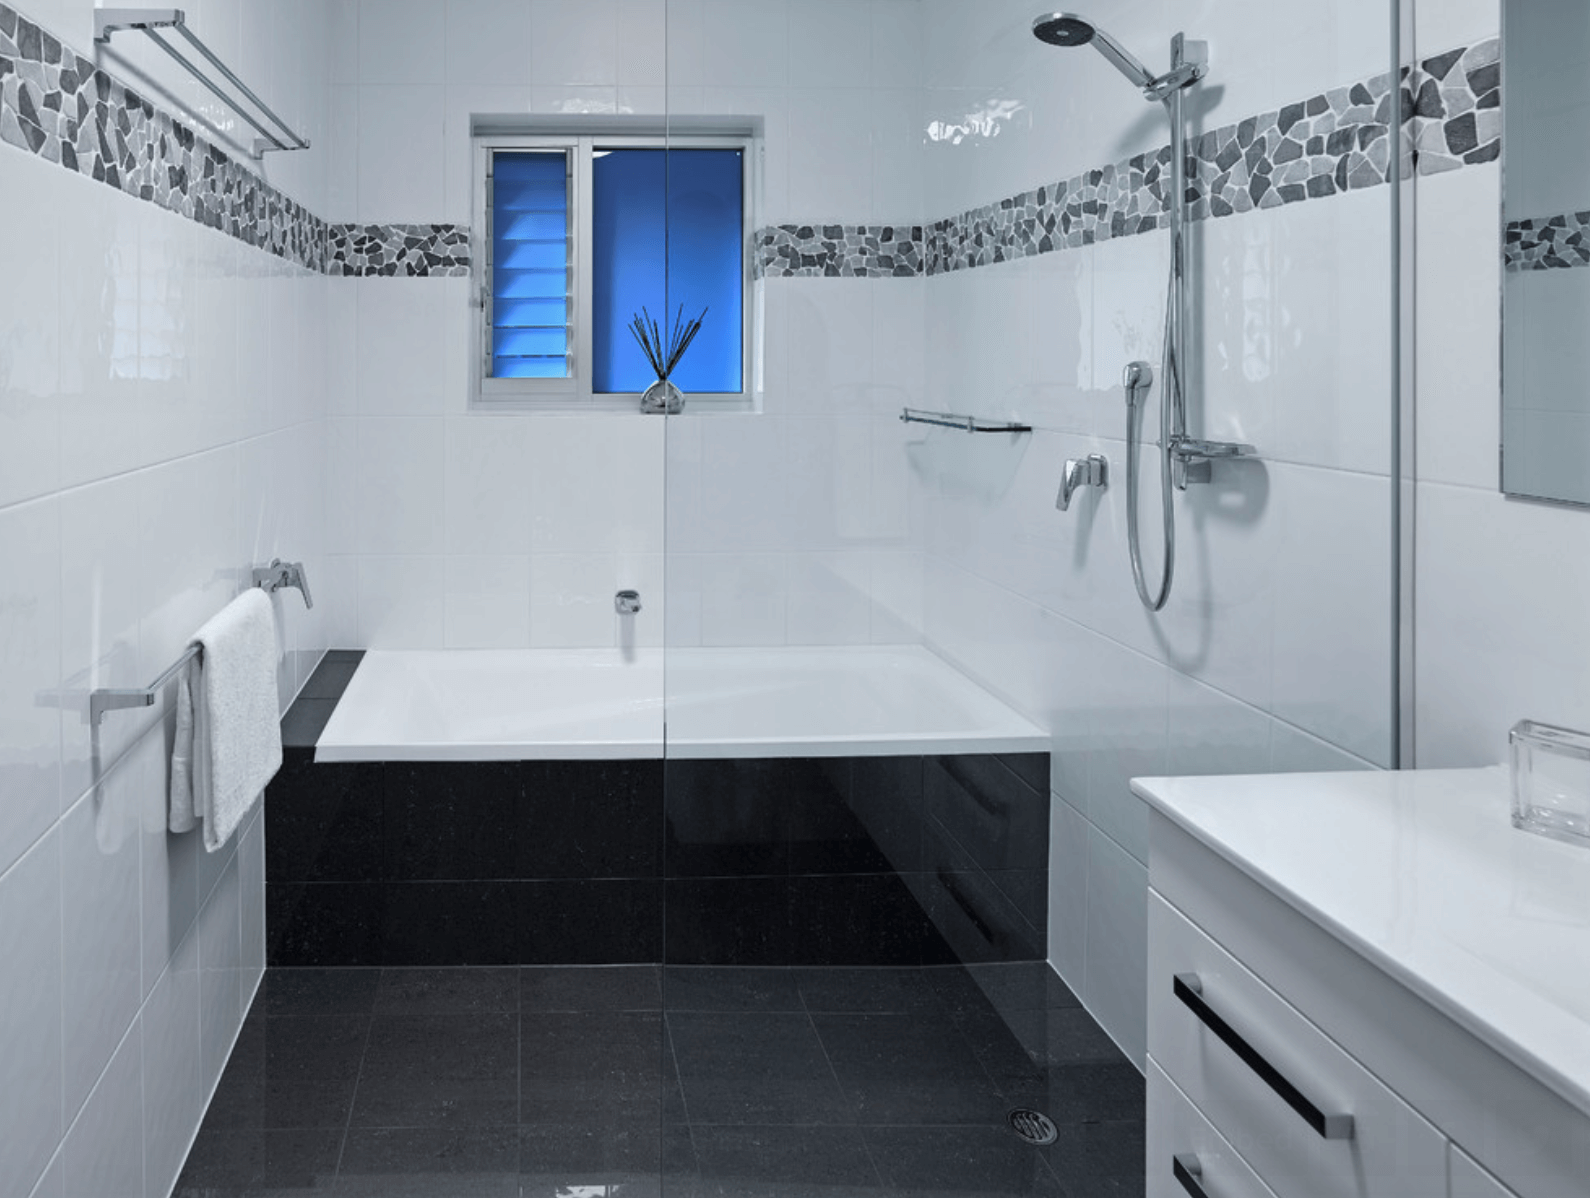 Banheiros Pequenos Fotos e Dicas Imperdíveis Arquidicas #0068CC 1590x1198 Azulejos Para Banheiro Branco E Preto